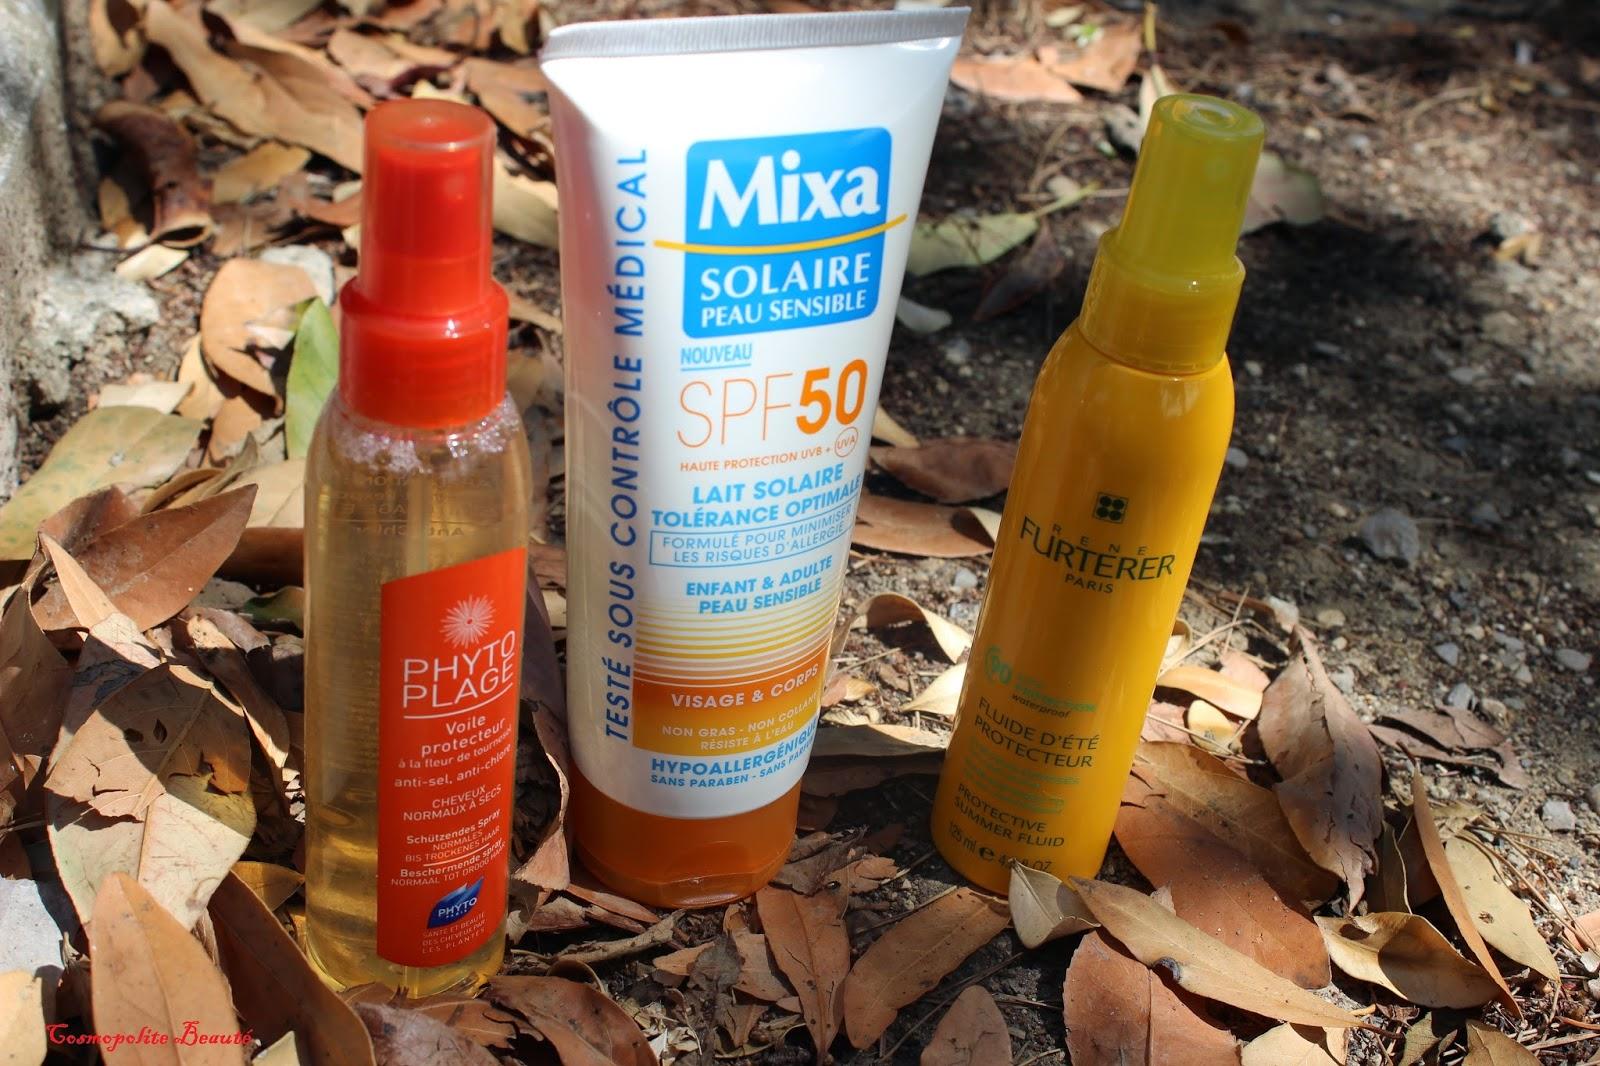 Mixa, produits solaires, cosmopolite beauté, protection solaire, indice de protection, Phyto Plage, Renée Furterer